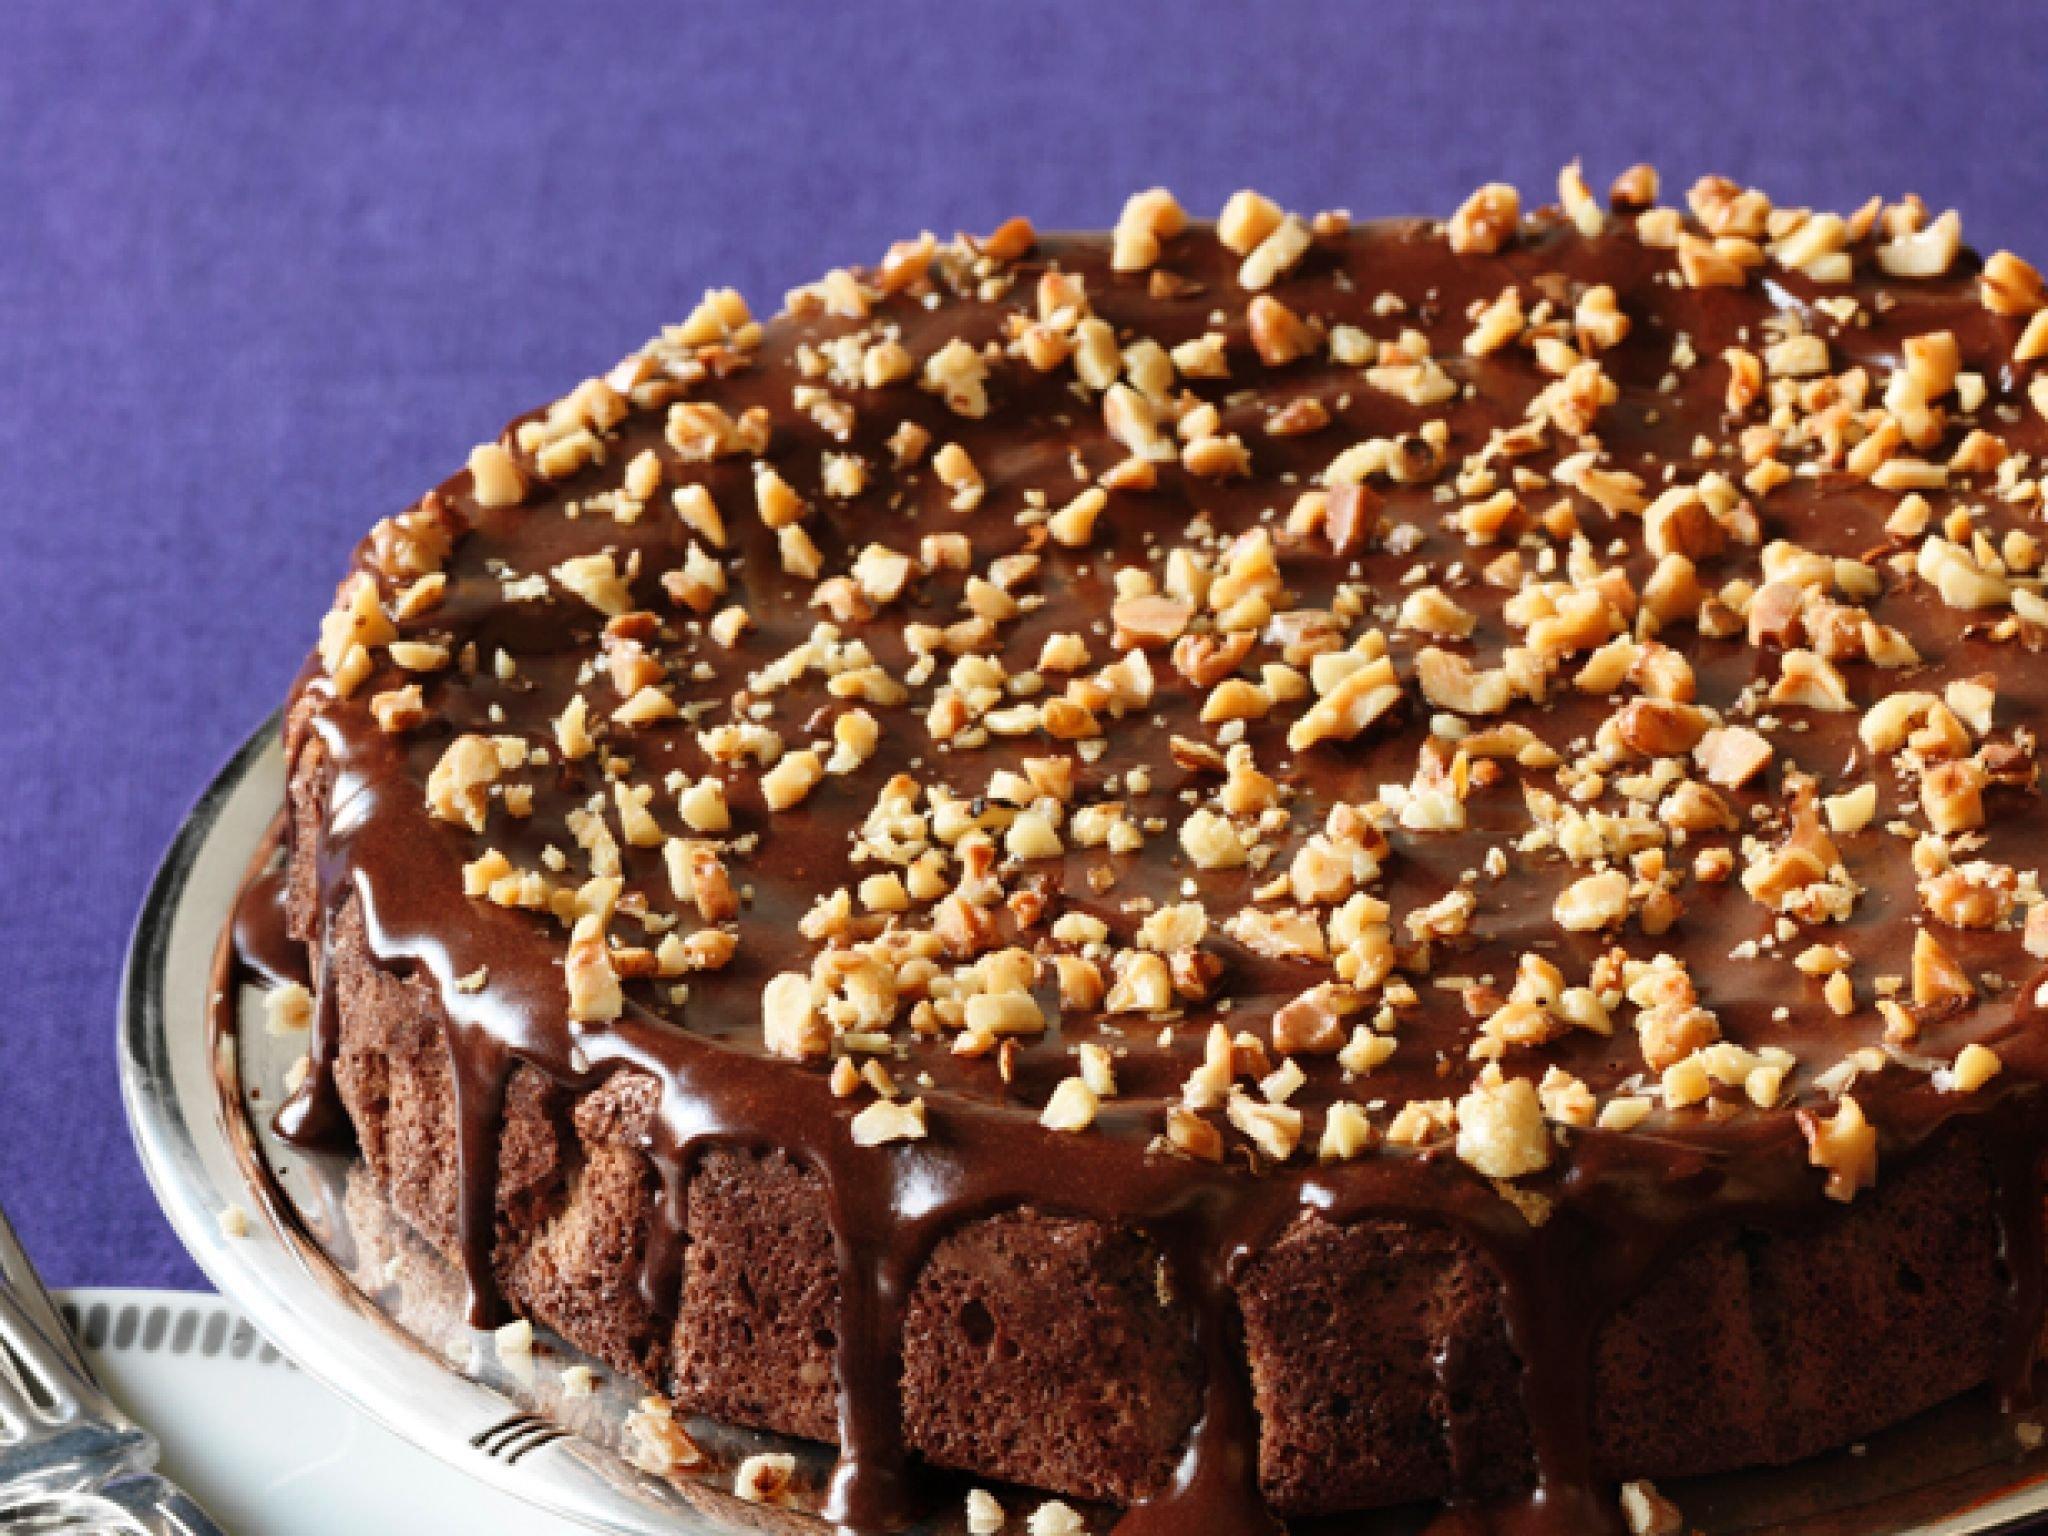 финиковый торт рецепт с фото учится режиссерском факультете